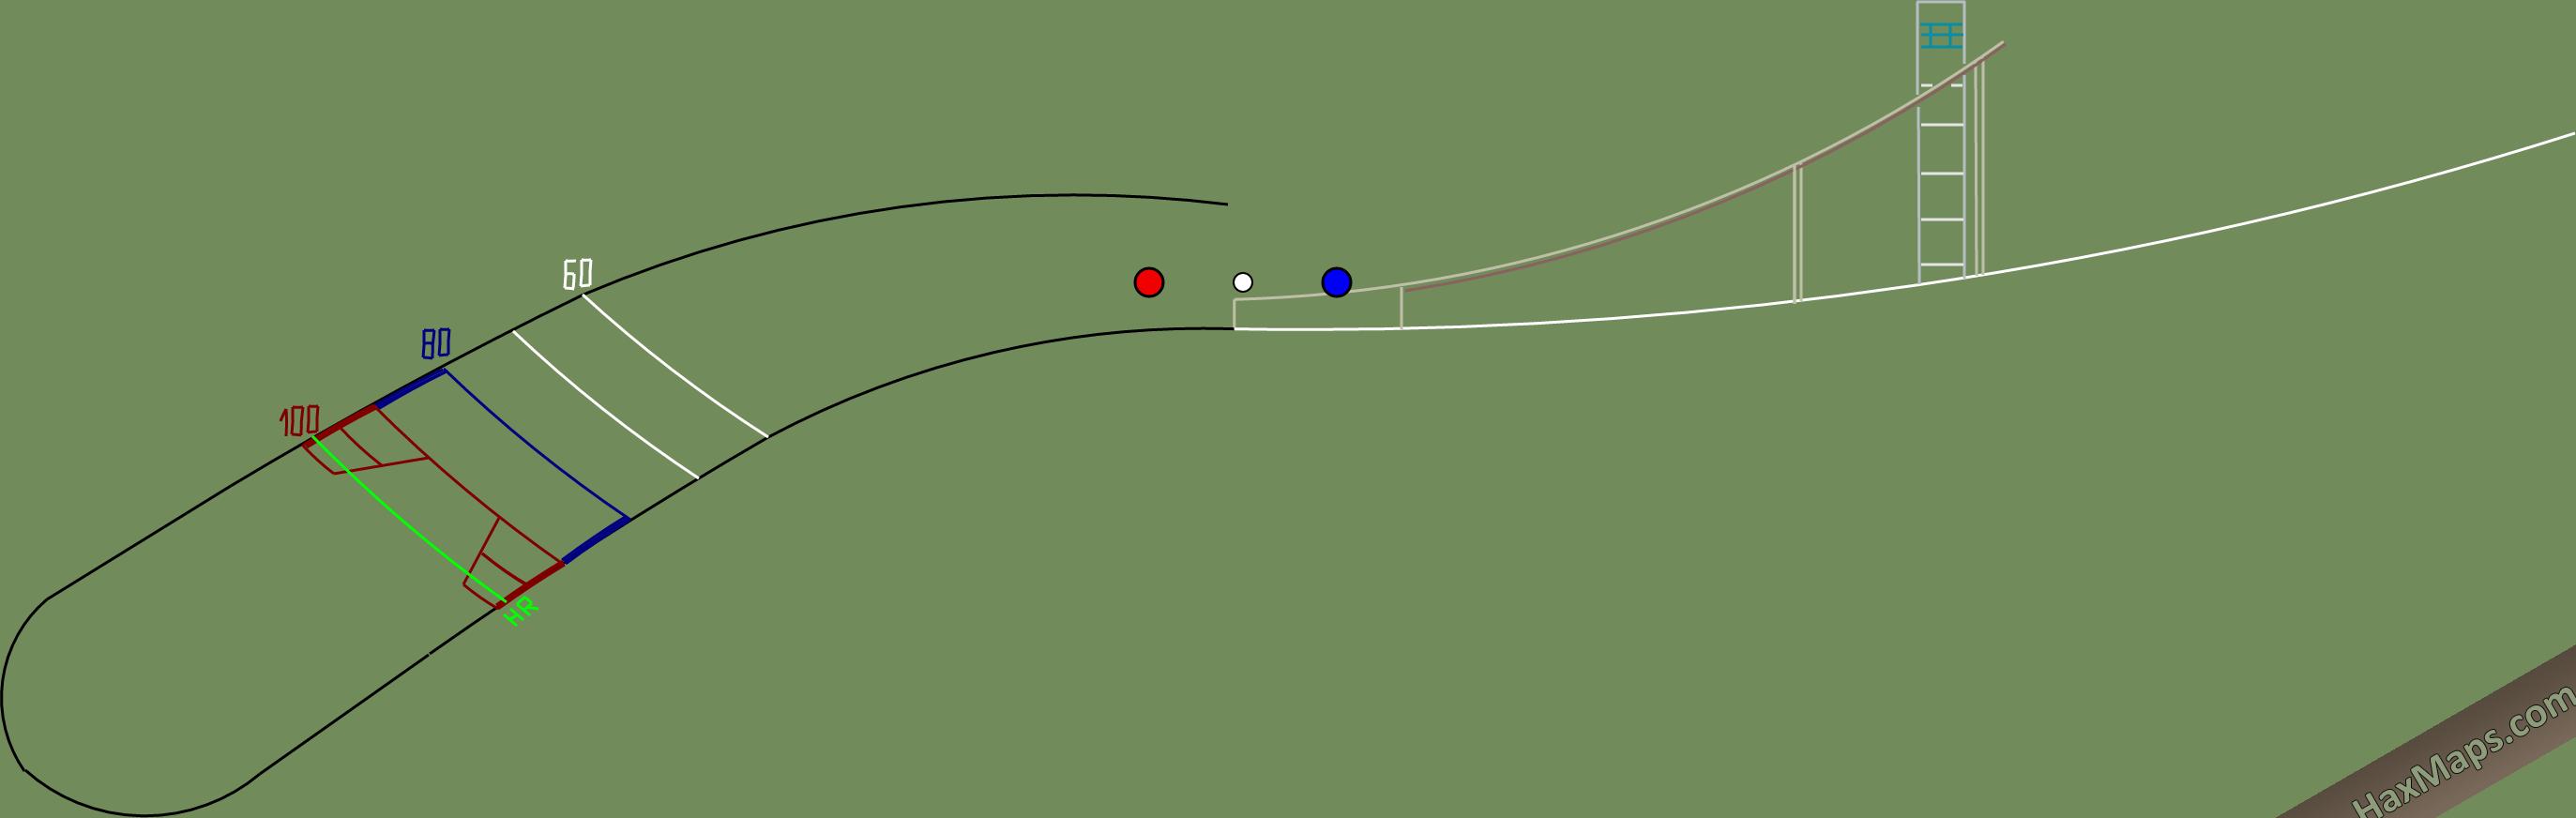 hax ball maps | Oberstdorf K90